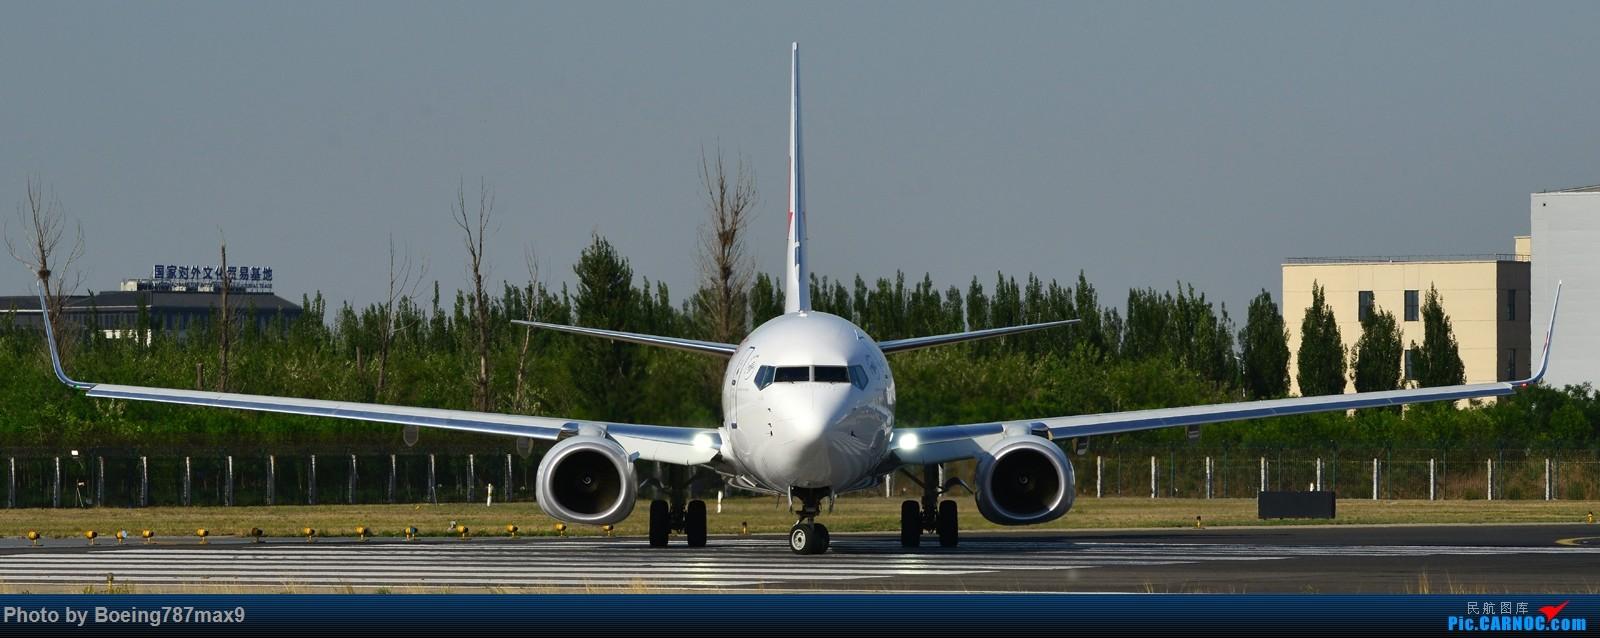 Re:[原创]【PEK】独一无二独特的拍摄角度,超有震撼力的机头『1600*高清大图』 BOEING 737-800 B-7590 中国北京首都国际机场